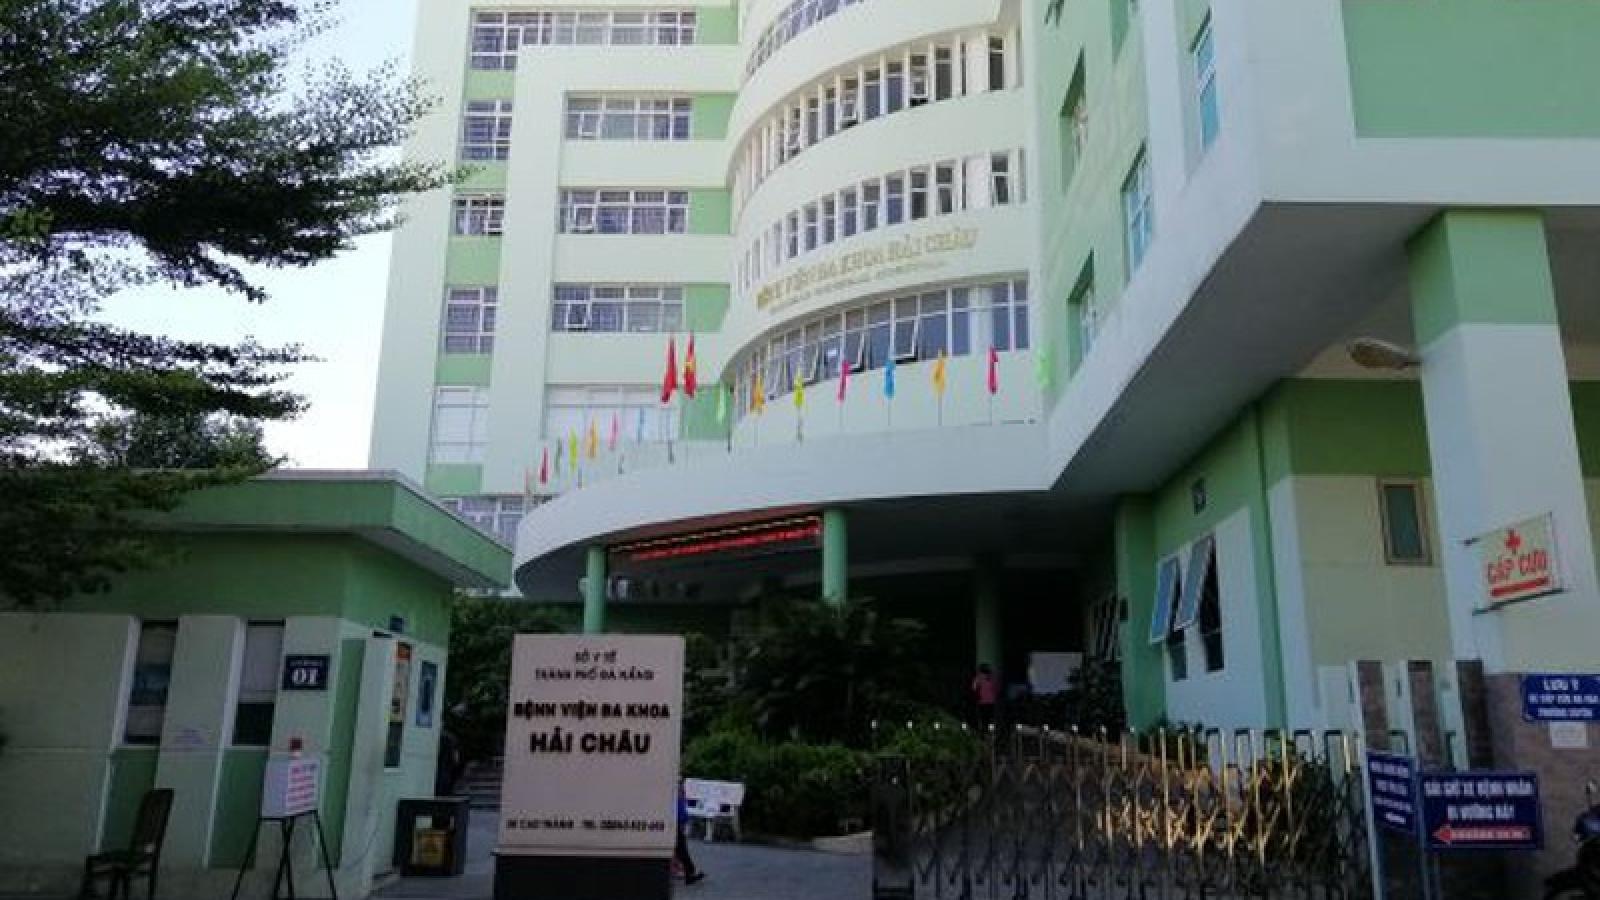 Bệnh viện Đà Nẵng không khám ngoại trú, dừng nhận điều trị nội trú